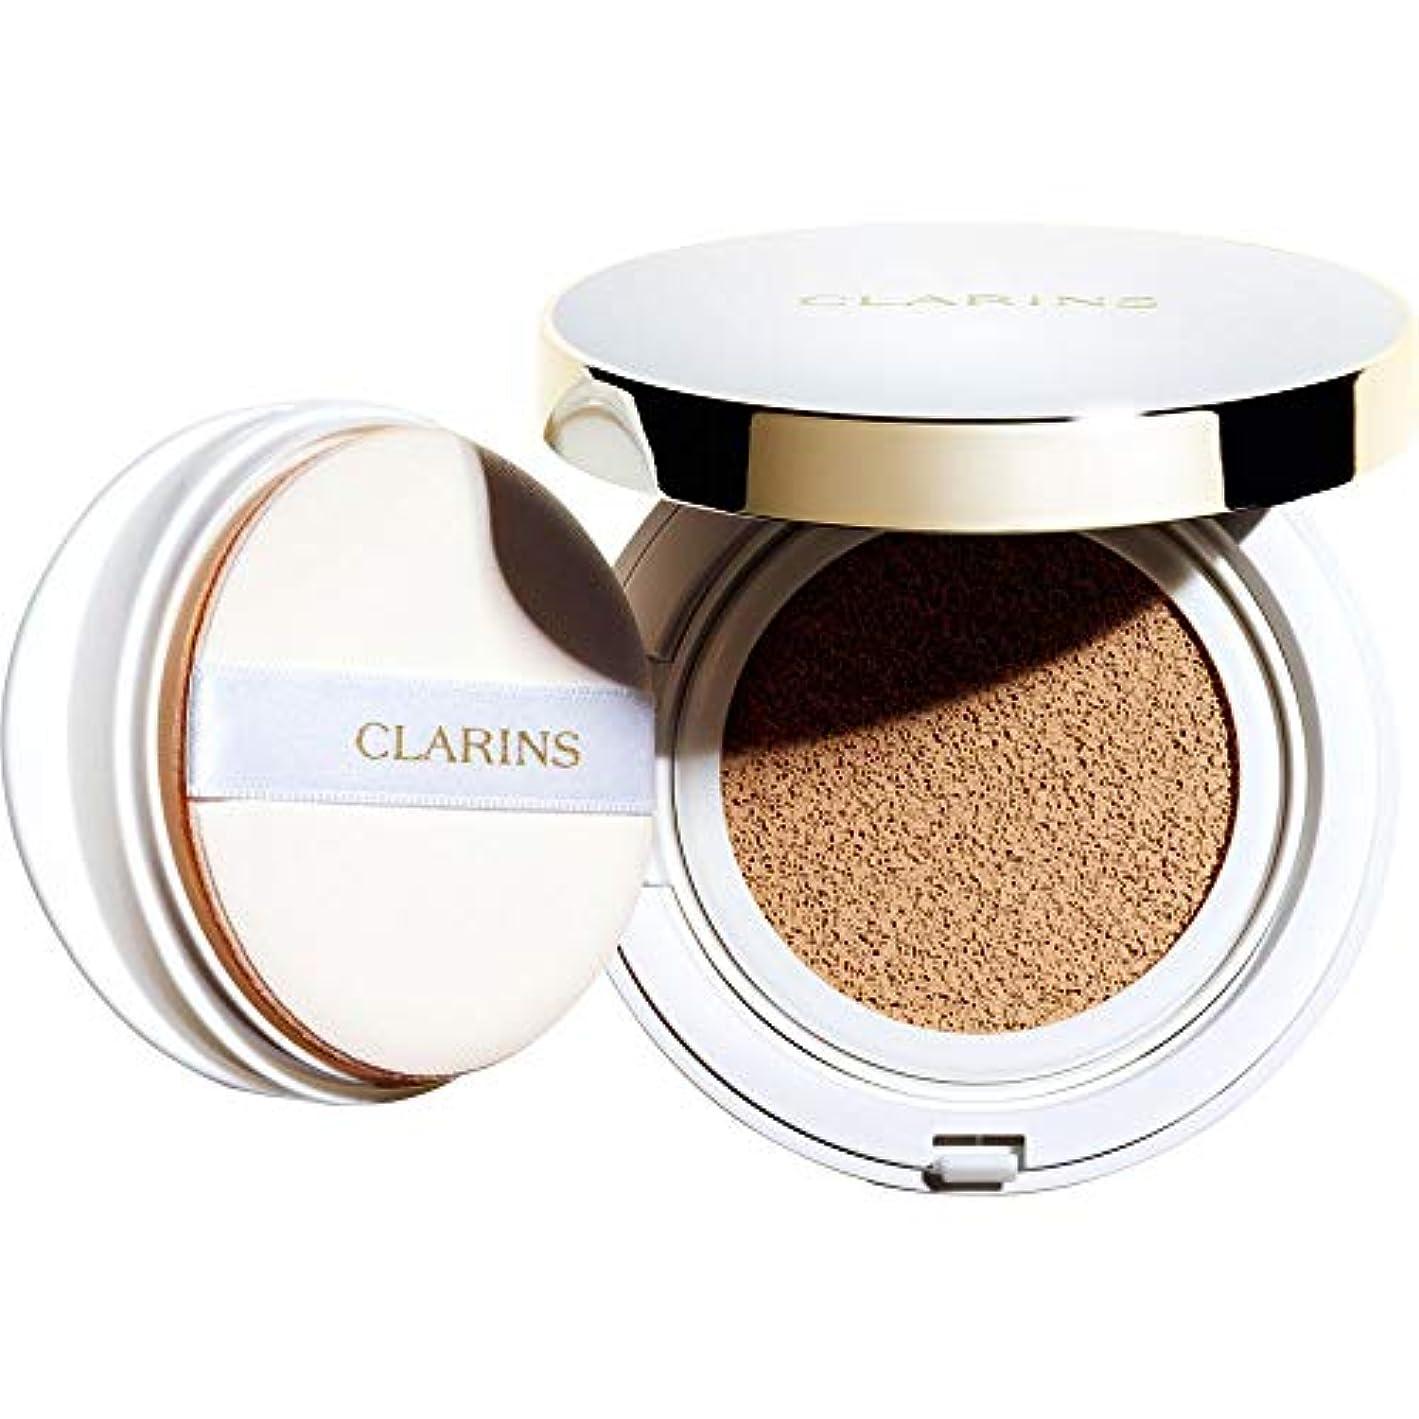 ランダム不要パンサー[Clarins ] クラランス永遠のクッション基礎Spf50の13ミリリットル103 - アイボリー - Clarins Everlasting Cushion Foundation SPF50 13ml 103 -...